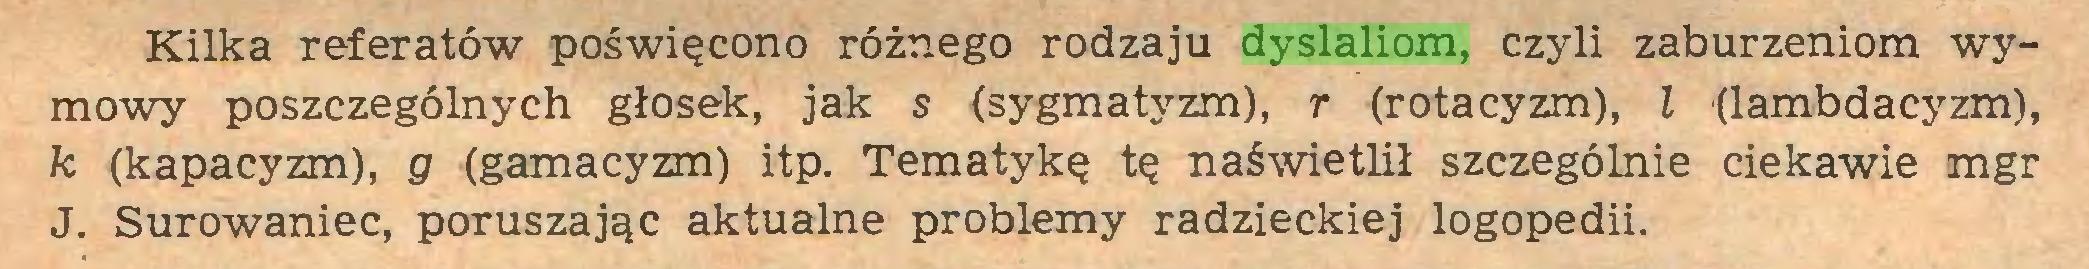 (...) Kilka referatów poświęcono różnego rodzaju dyslaliom, czyli zaburzeniom wymowy poszczególnych głosek, jak s (sygmatyzm), r (rotacyzm), l (lambdacyzm), k (kapacyzm), g (gamacyzm) itp. Tematykę tę naświetlił szczególnie ciekawie mgr J. Surowaniec, poruszając aktualne problemy radzieckiej logopedii...